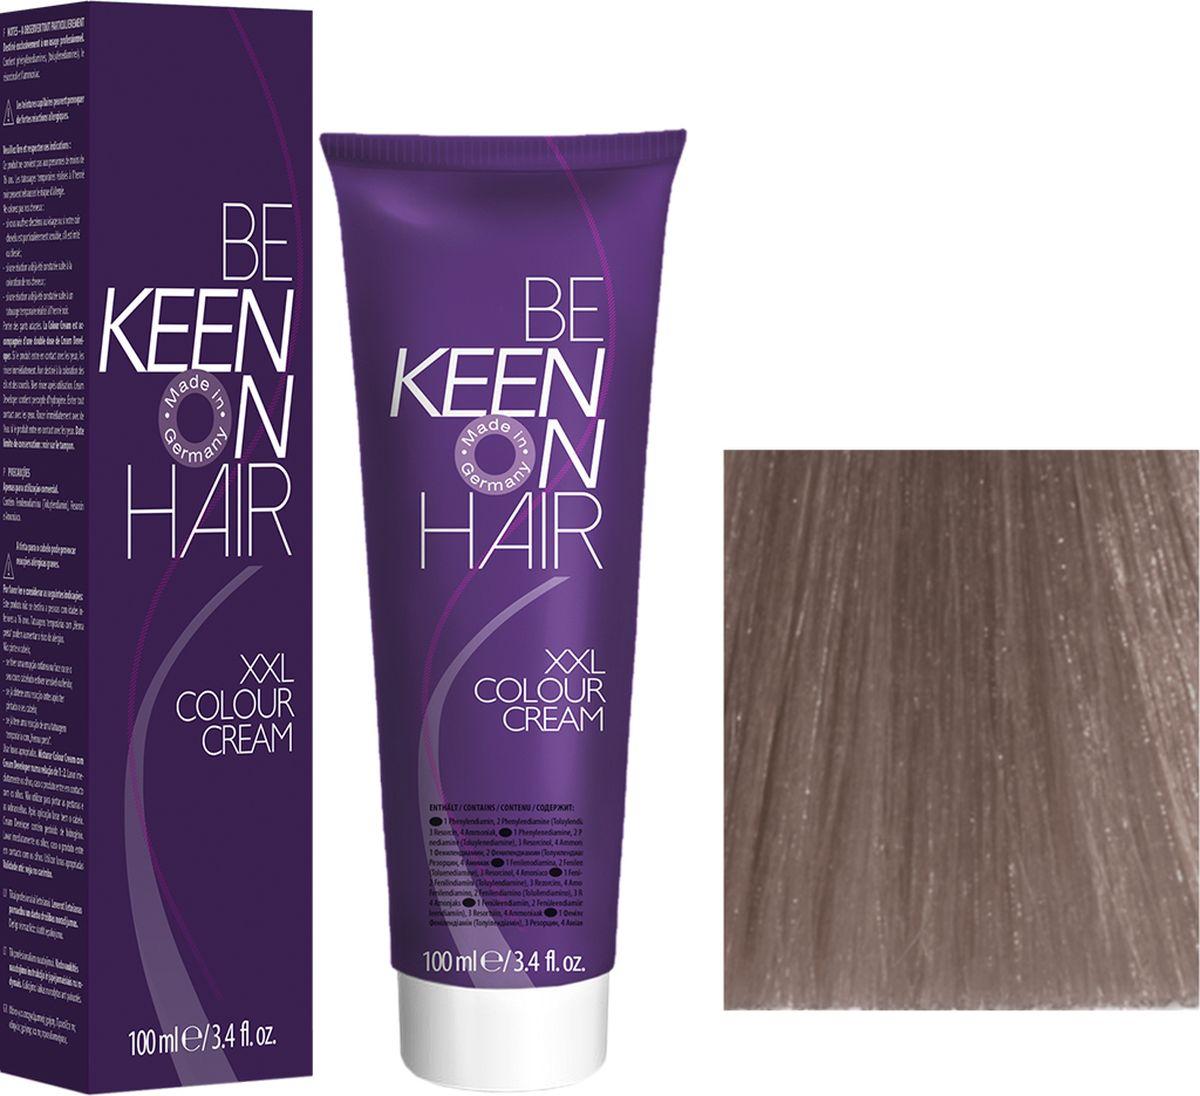 Keen Краска для волос 10.61 Ультра-светлый фиолетово-пепельный блондин Ultrahellblond Violett-Asch, 100 мл69100099Модные оттенкиБолее 100 оттенков для креативной комбинации цветов.ЭкономичностьПри использовании тюбика 100 мл вы получаете оптимальное соотношение цены и качества!УходМолочный белок поддерживает структуру волоса во время окрашивания и придает волосам блеск и шелковистость. Протеины хорошо встраиваются в волосы и снабжают их влагой.